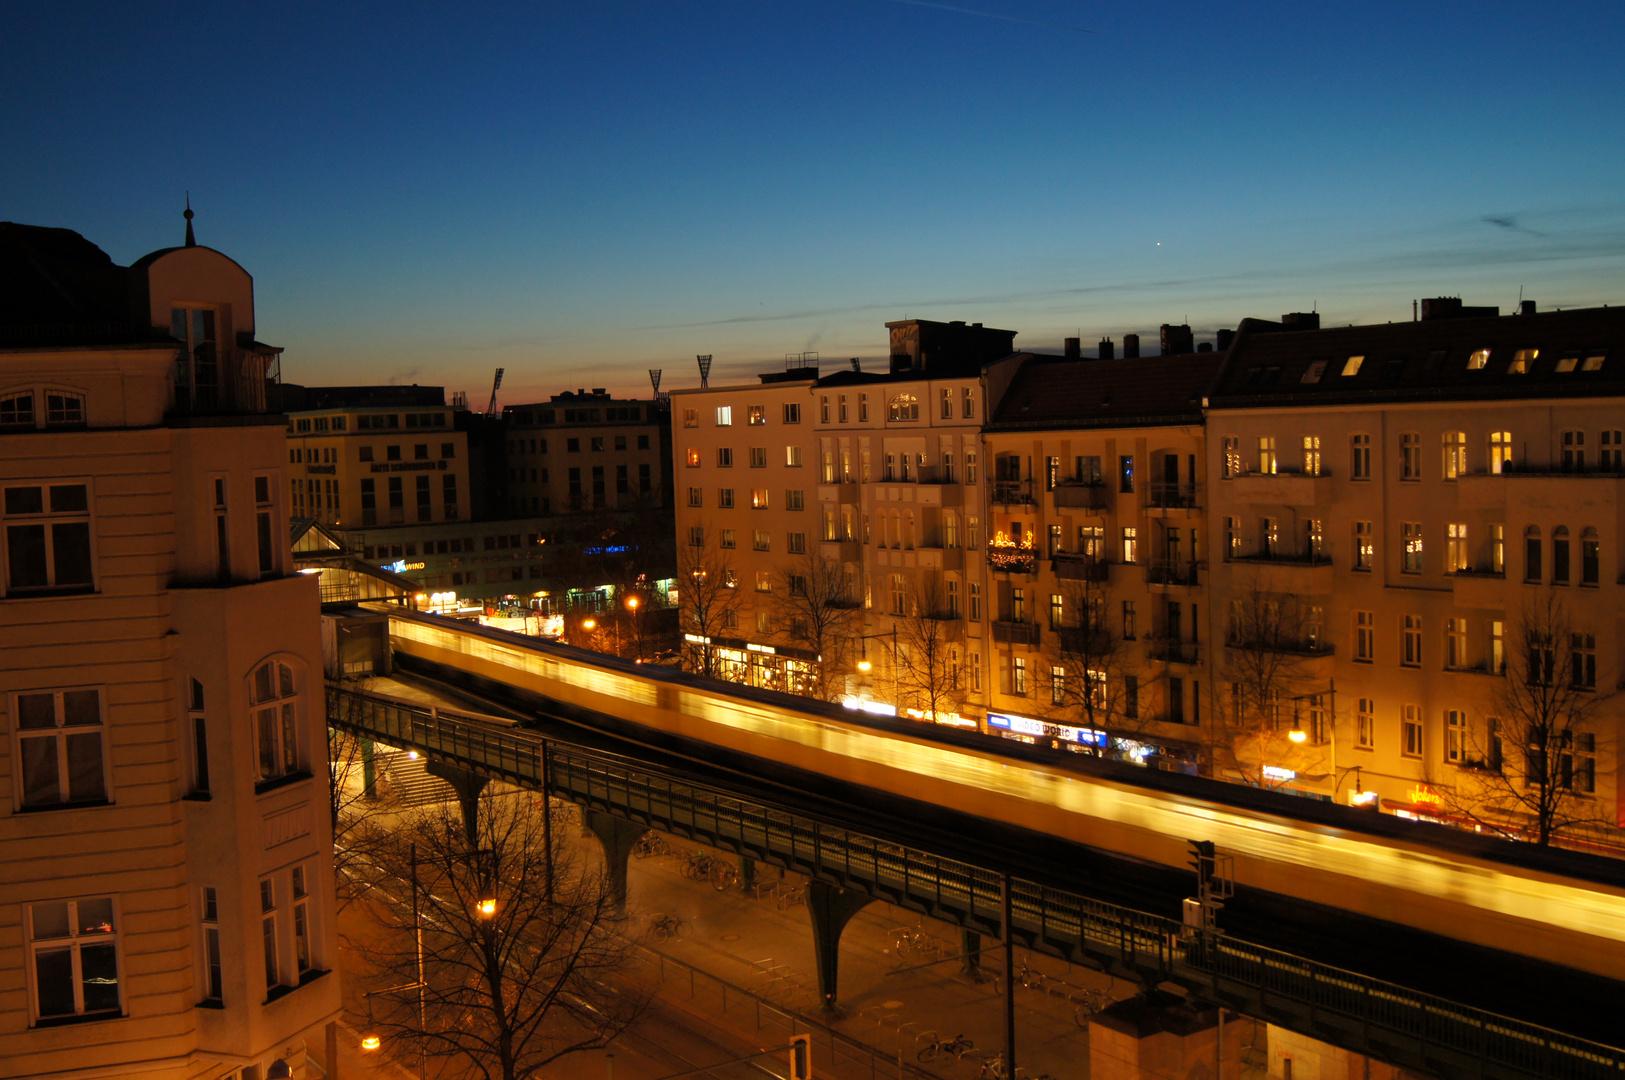 Untergrund Bahn an der frischen Luft